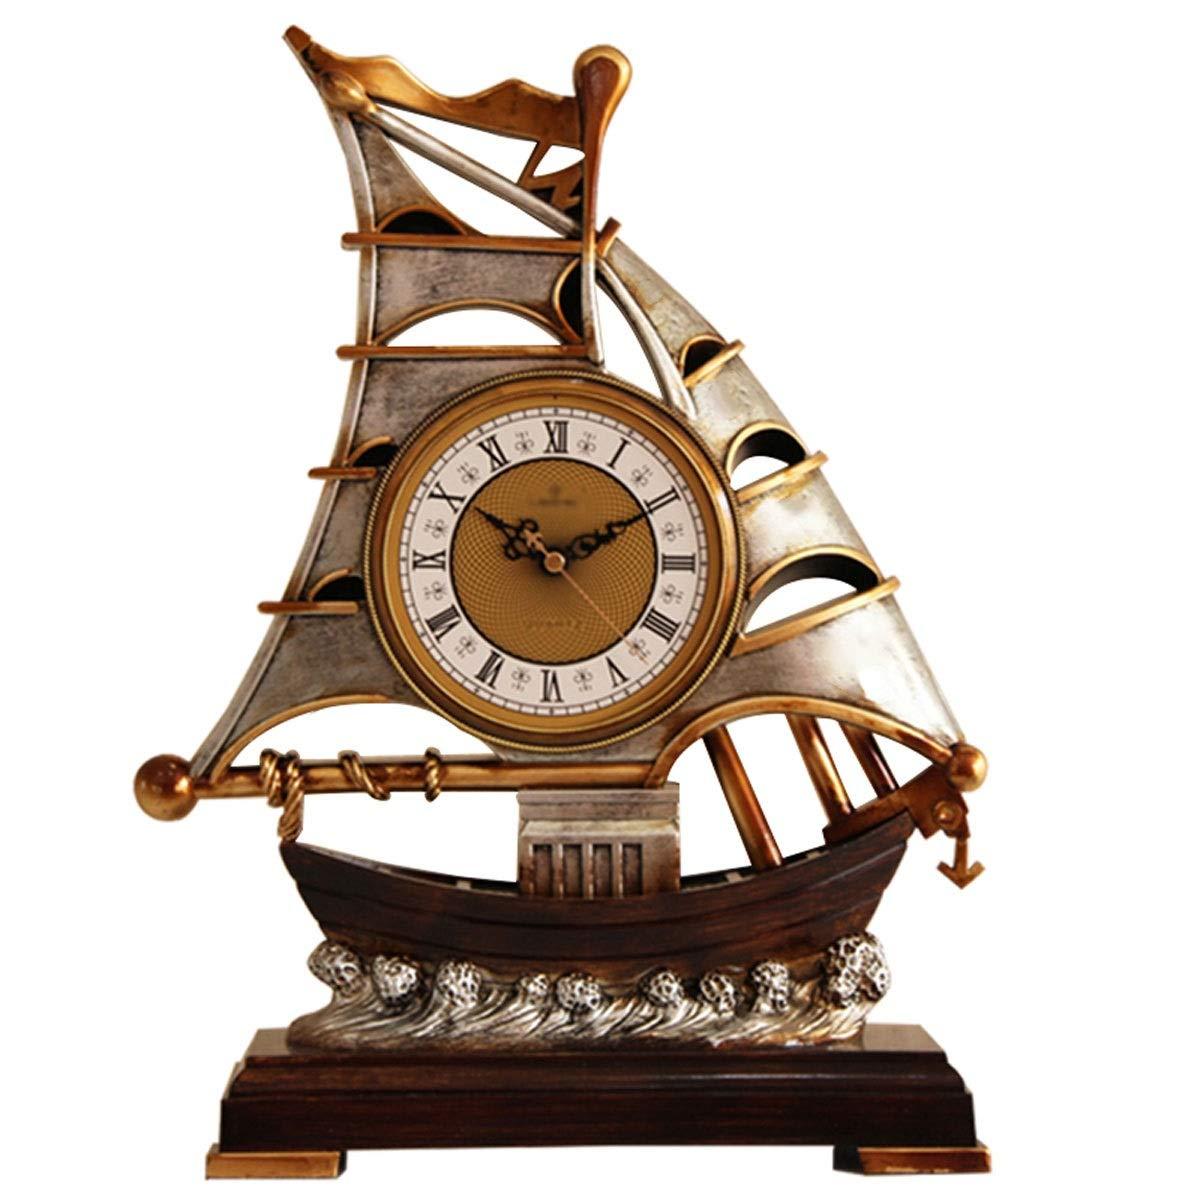 全品送料0円 RMXMY B07NPNTBNH RMXMY シンプルでスタイリッシュなレトロな置時計ヨーロッパスタイルのホームベッドルームのリビングルームの装飾装飾アートクリエイティブ時計 B07NPNTBNH, 楽器天国:655149e4 --- a0267596.xsph.ru